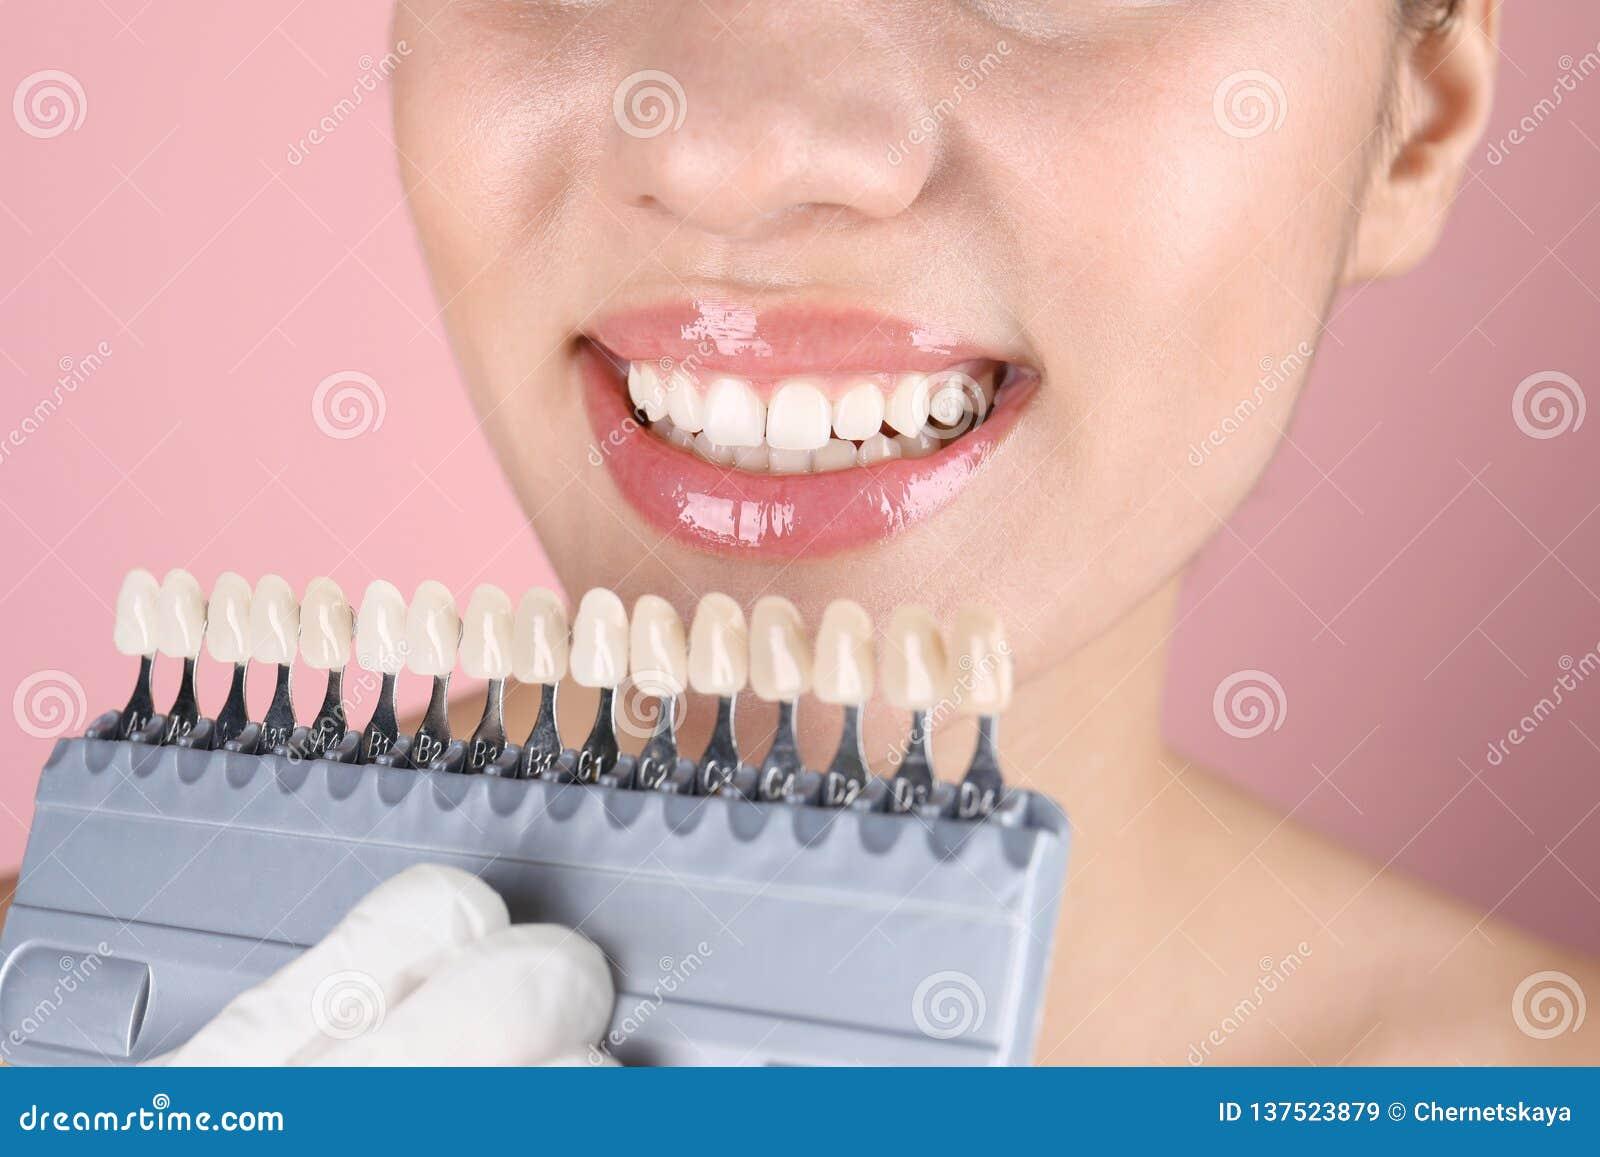 Dentiste vérifiant la couleur des dents de la jeune femme